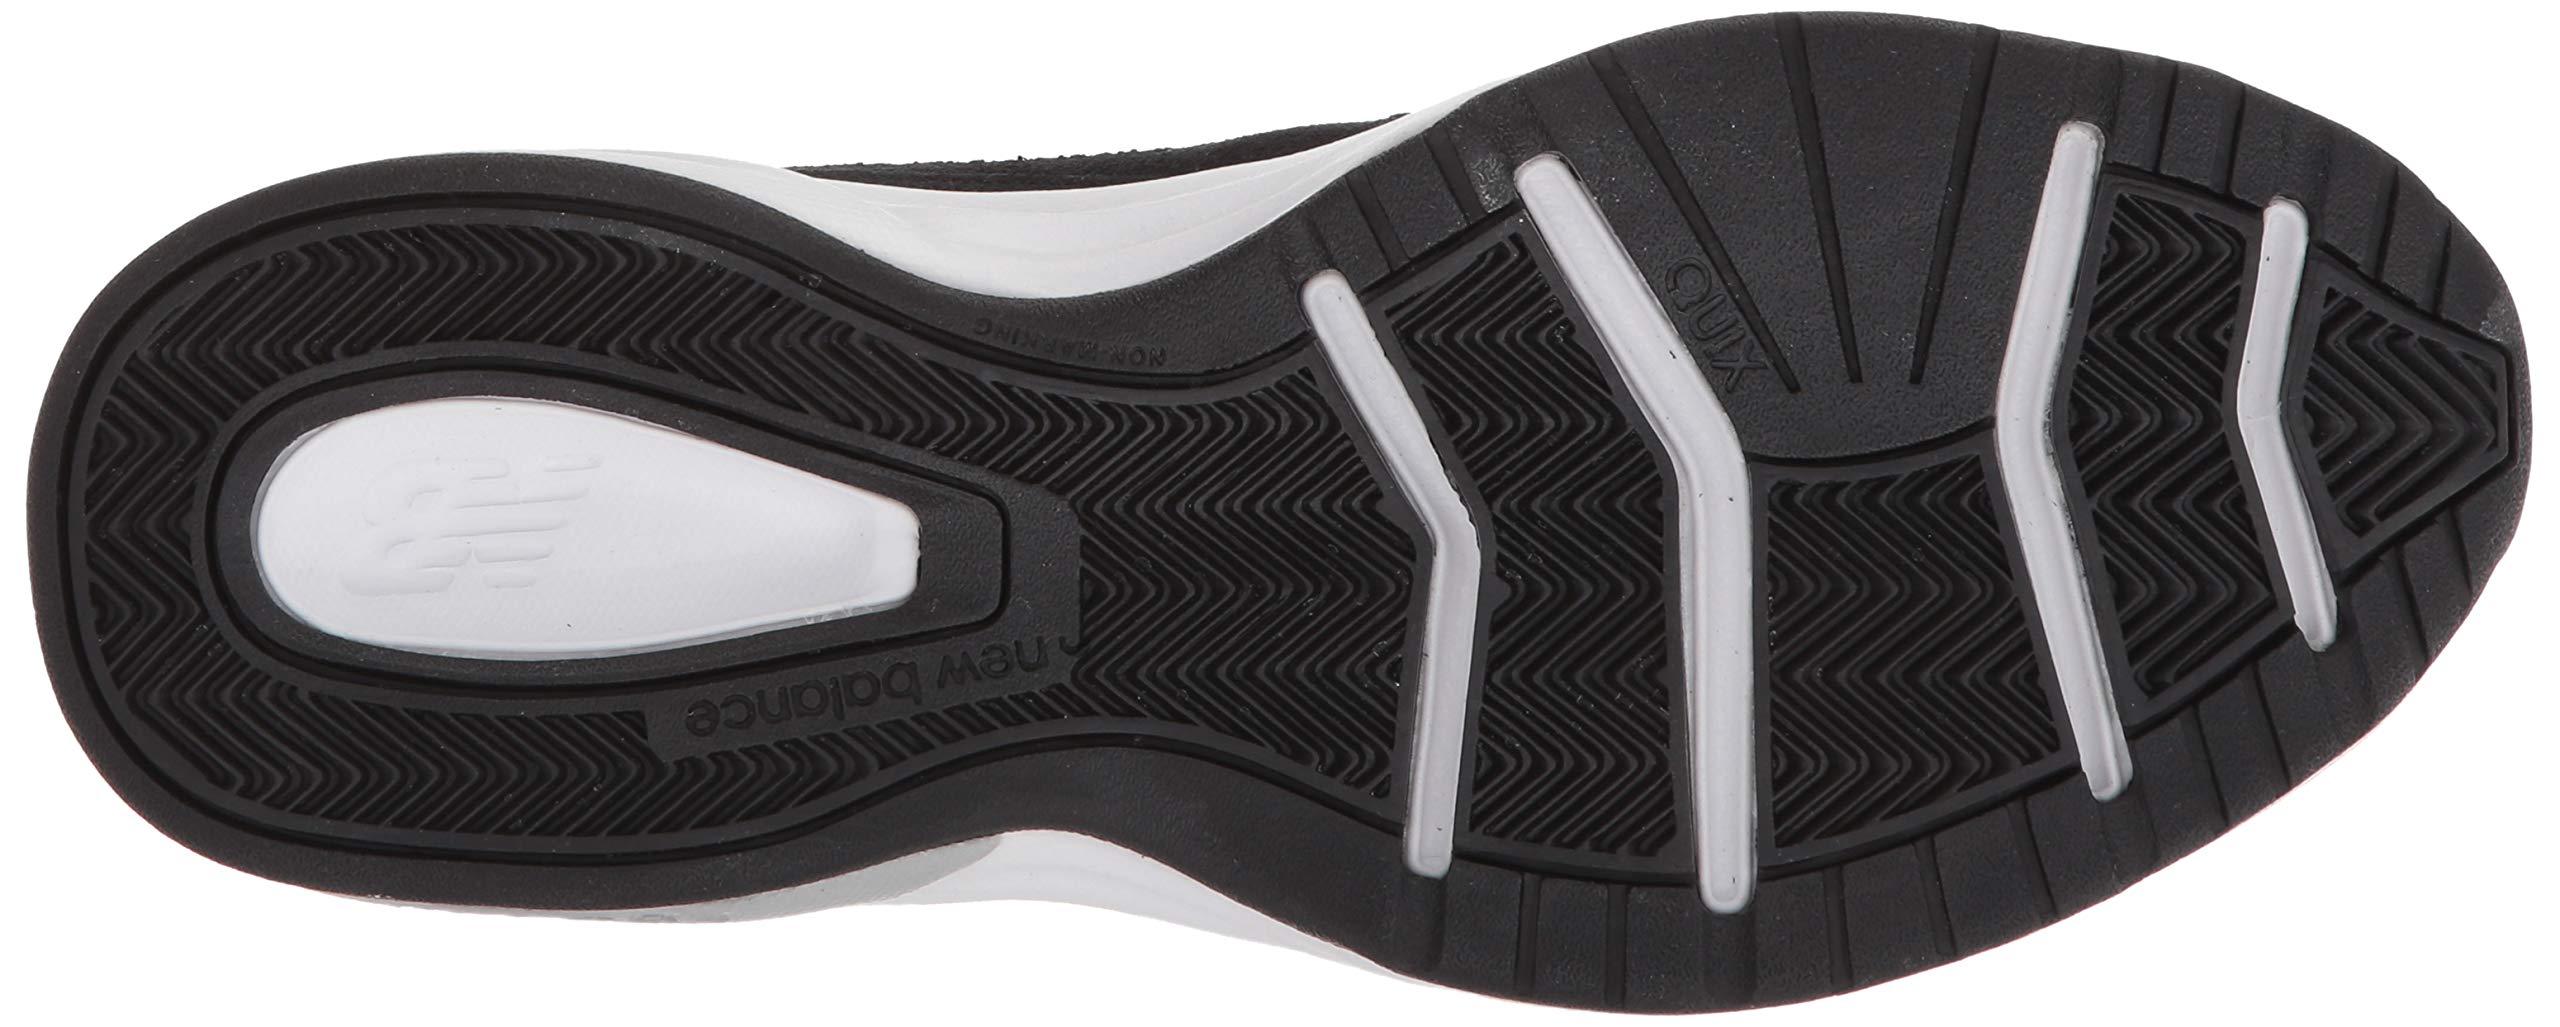 New Balance Men's MX623v3 Training Shoe, Navy, 7 W US by New Balance (Image #3)